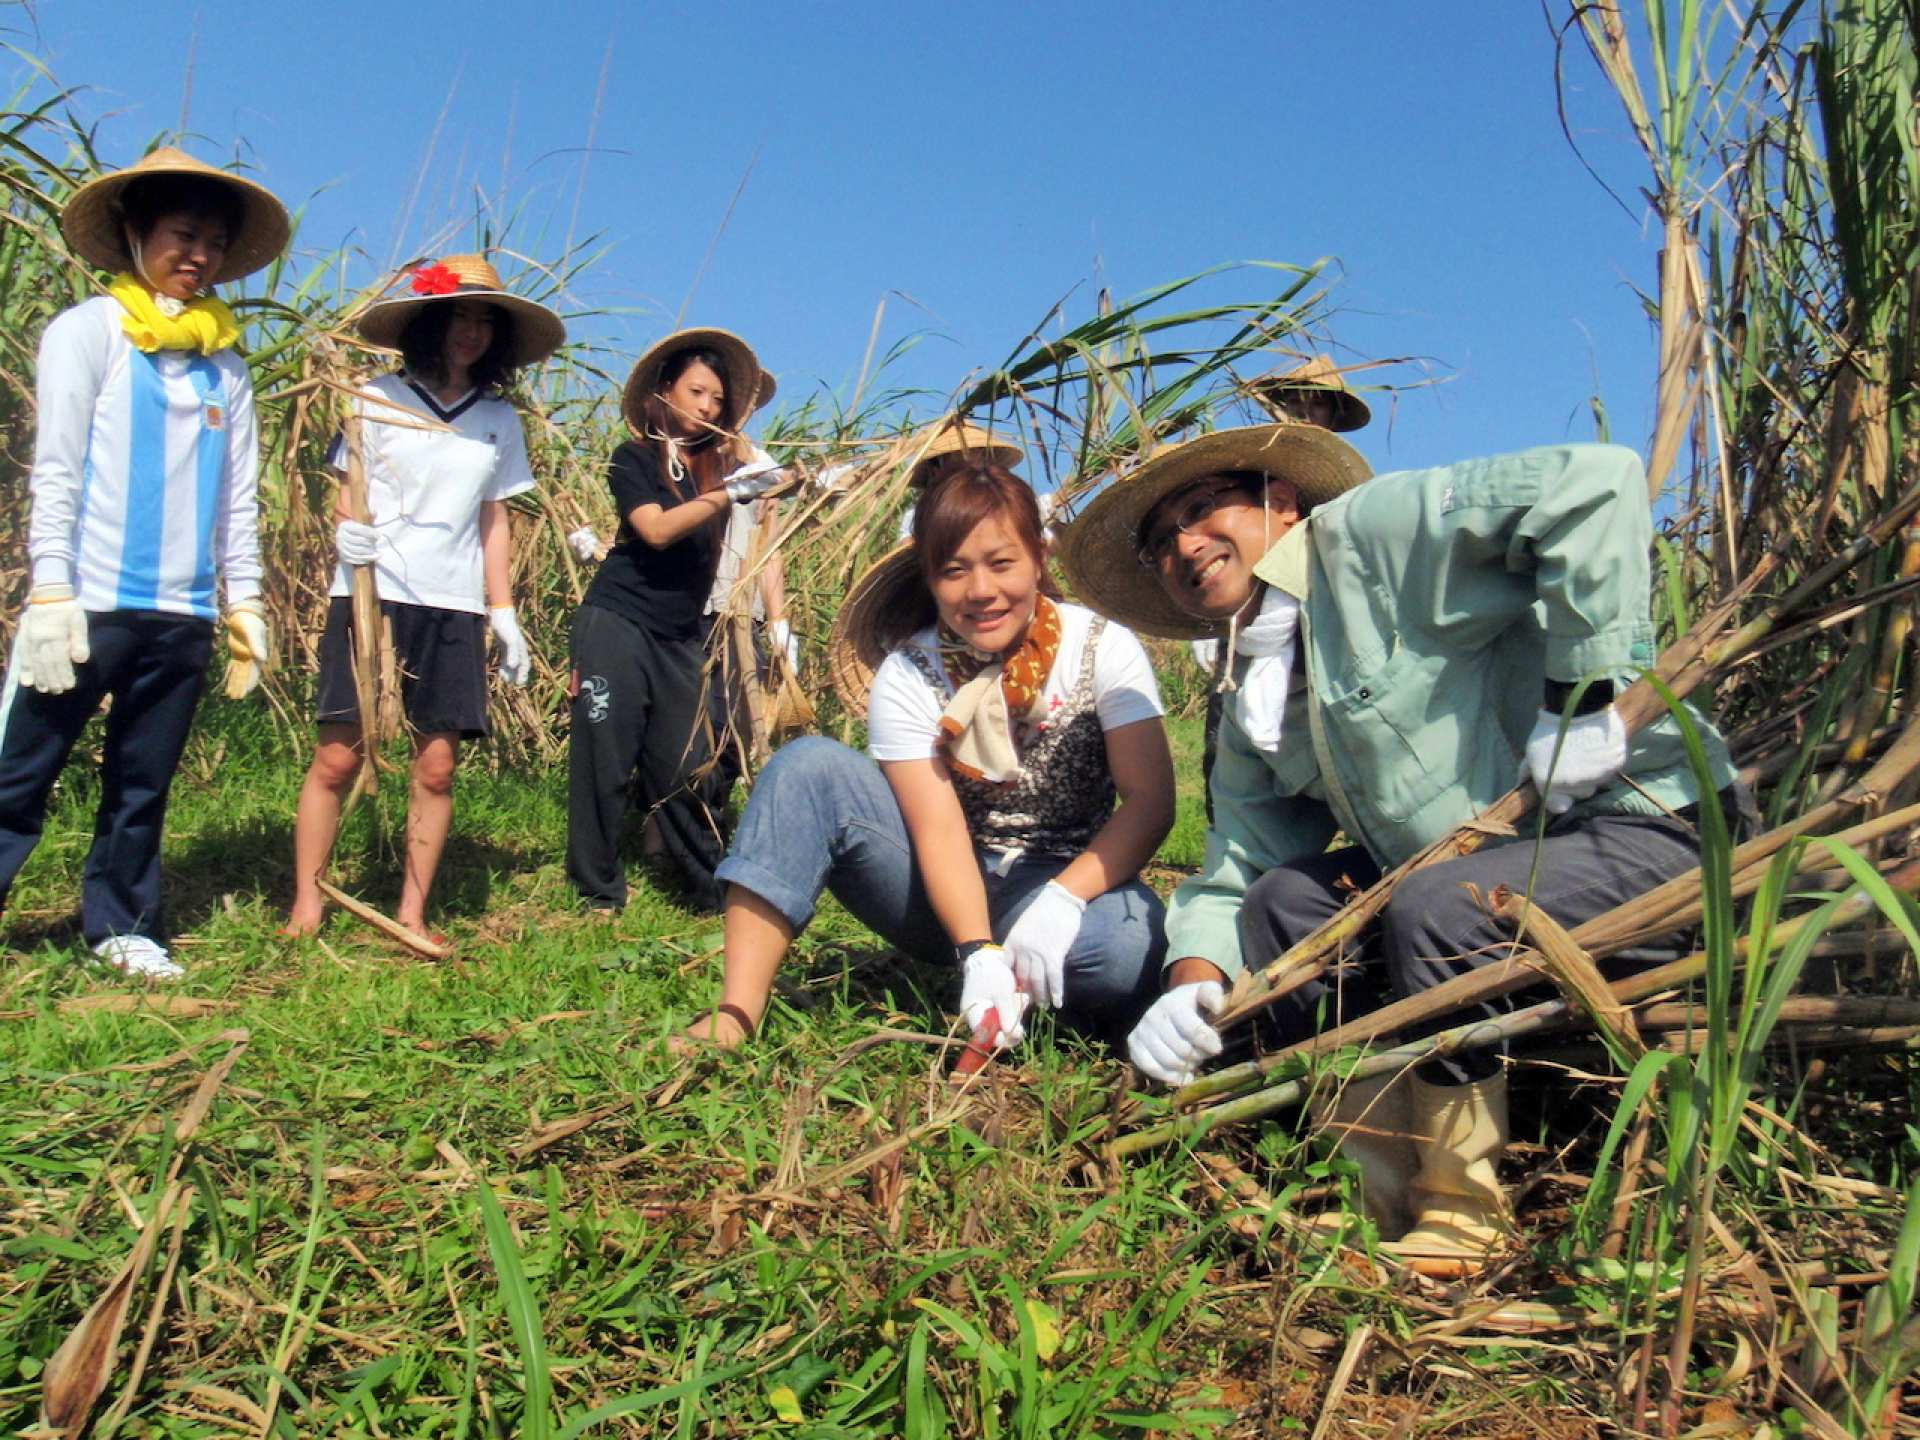 【沖繩文化體驗】採收甘蔗、黑糖手作體驗